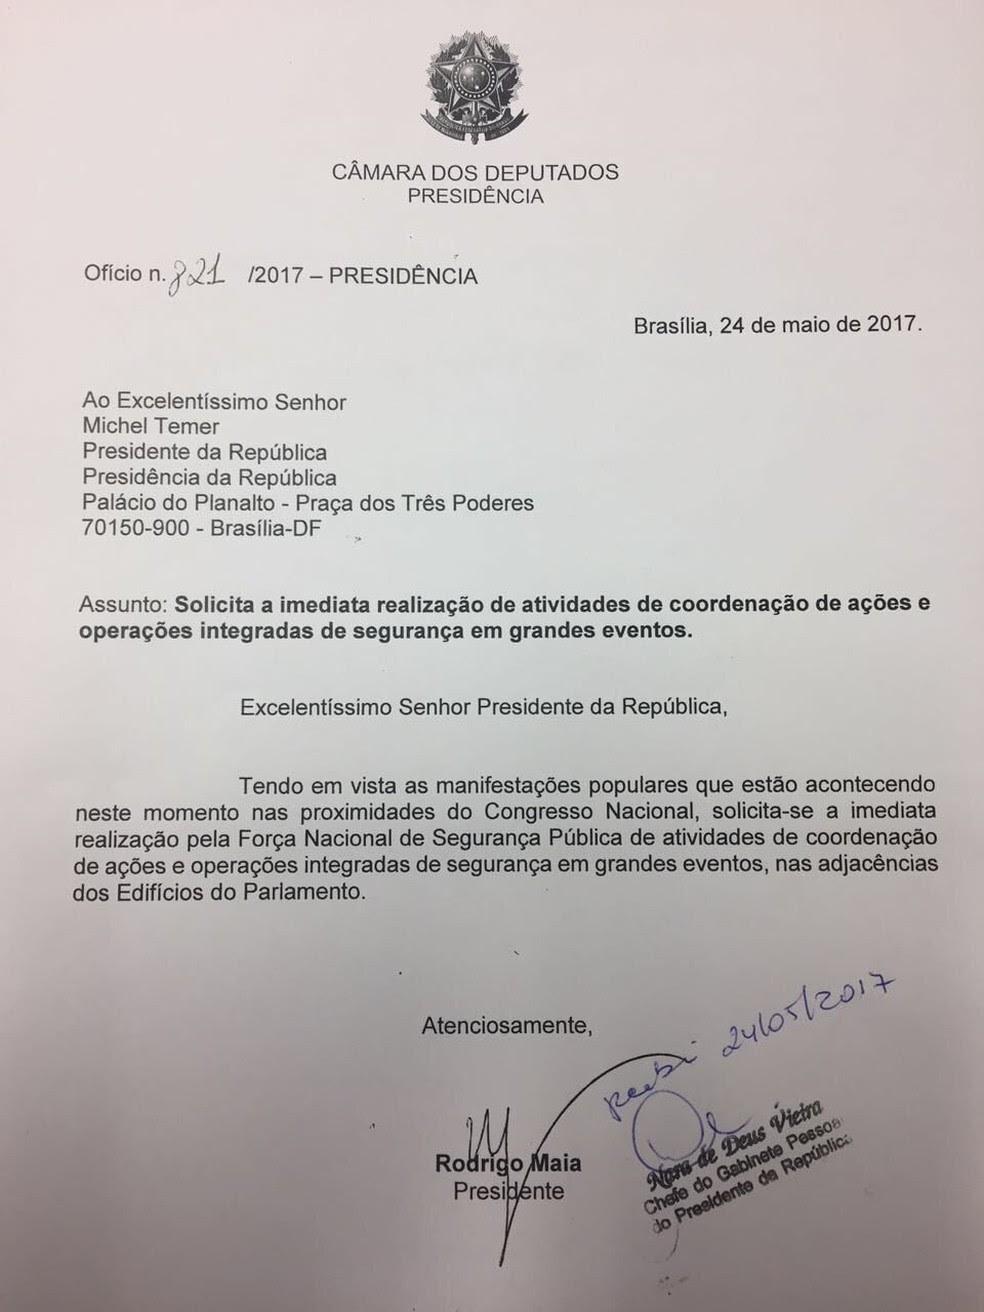 Ofício enviado por Maia ao presidente Michel Temer (Foto: Reprodução)